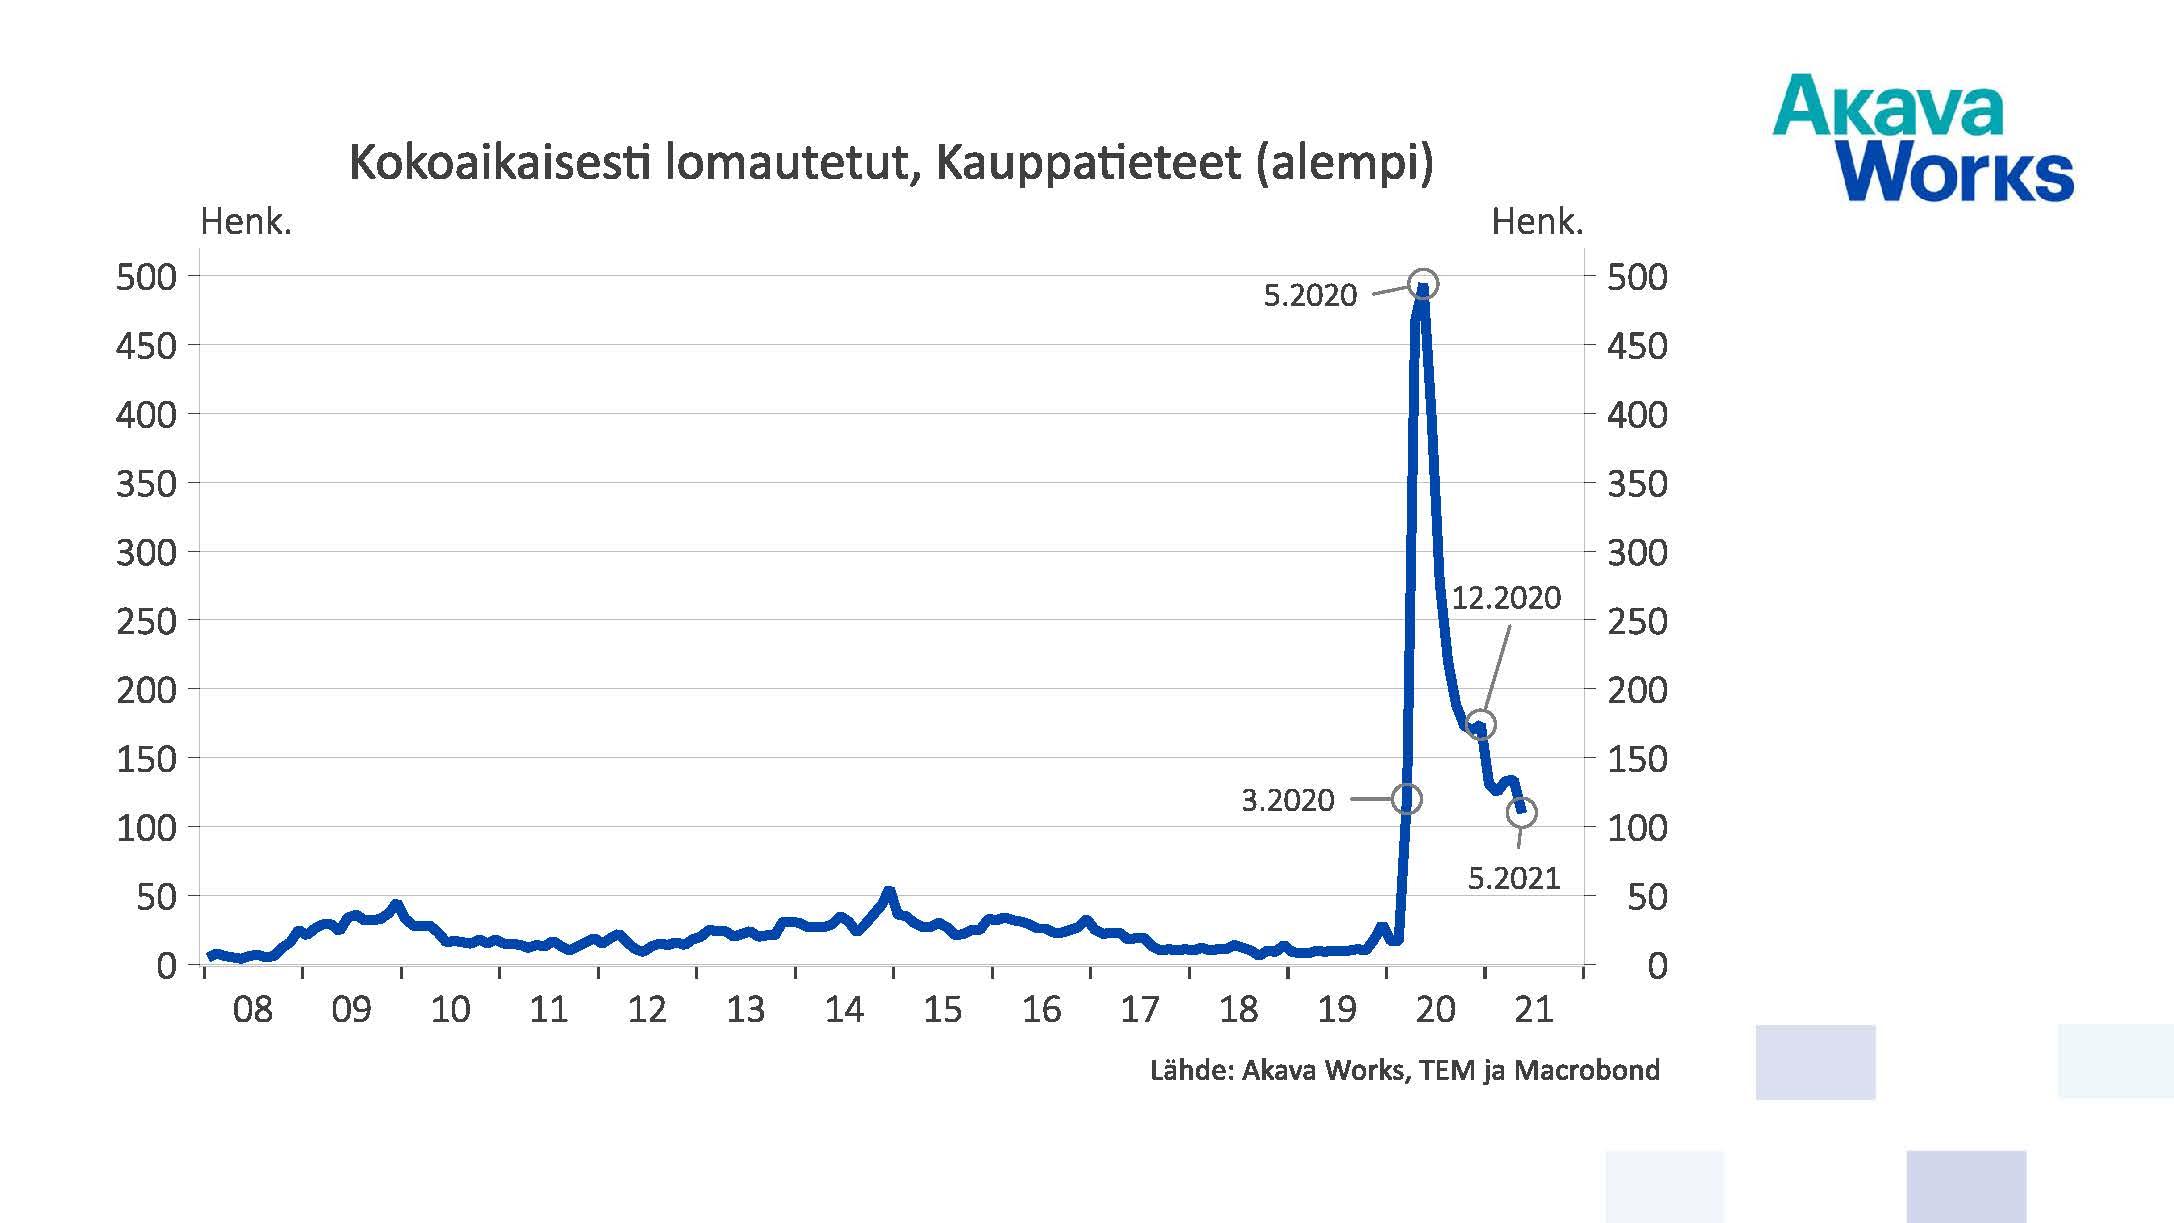 Kokoaikaisesti lomautetut, kauppatieteet, alempi korkeakoulututkinto, 05/2021